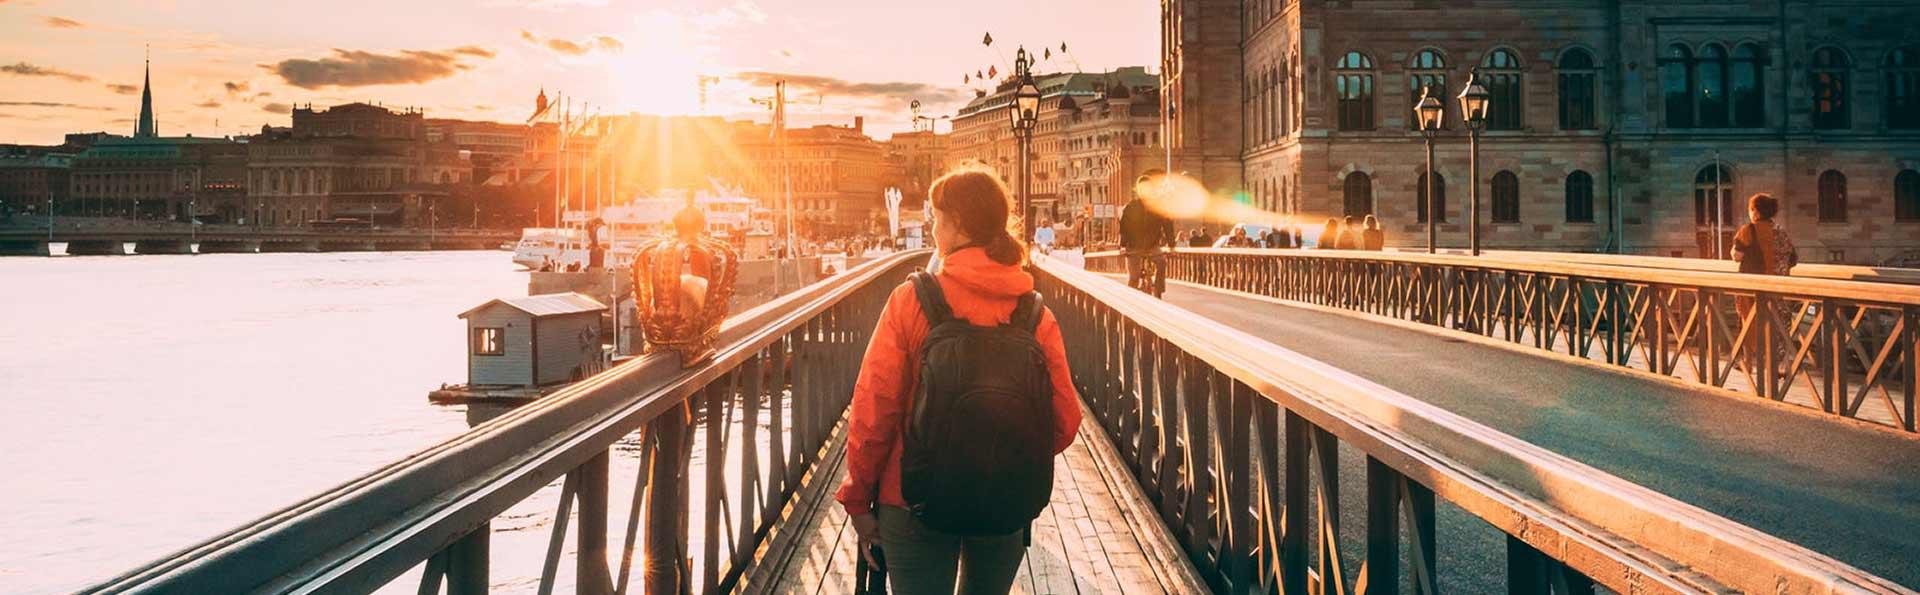 viaggi a piedi e trekking urbani